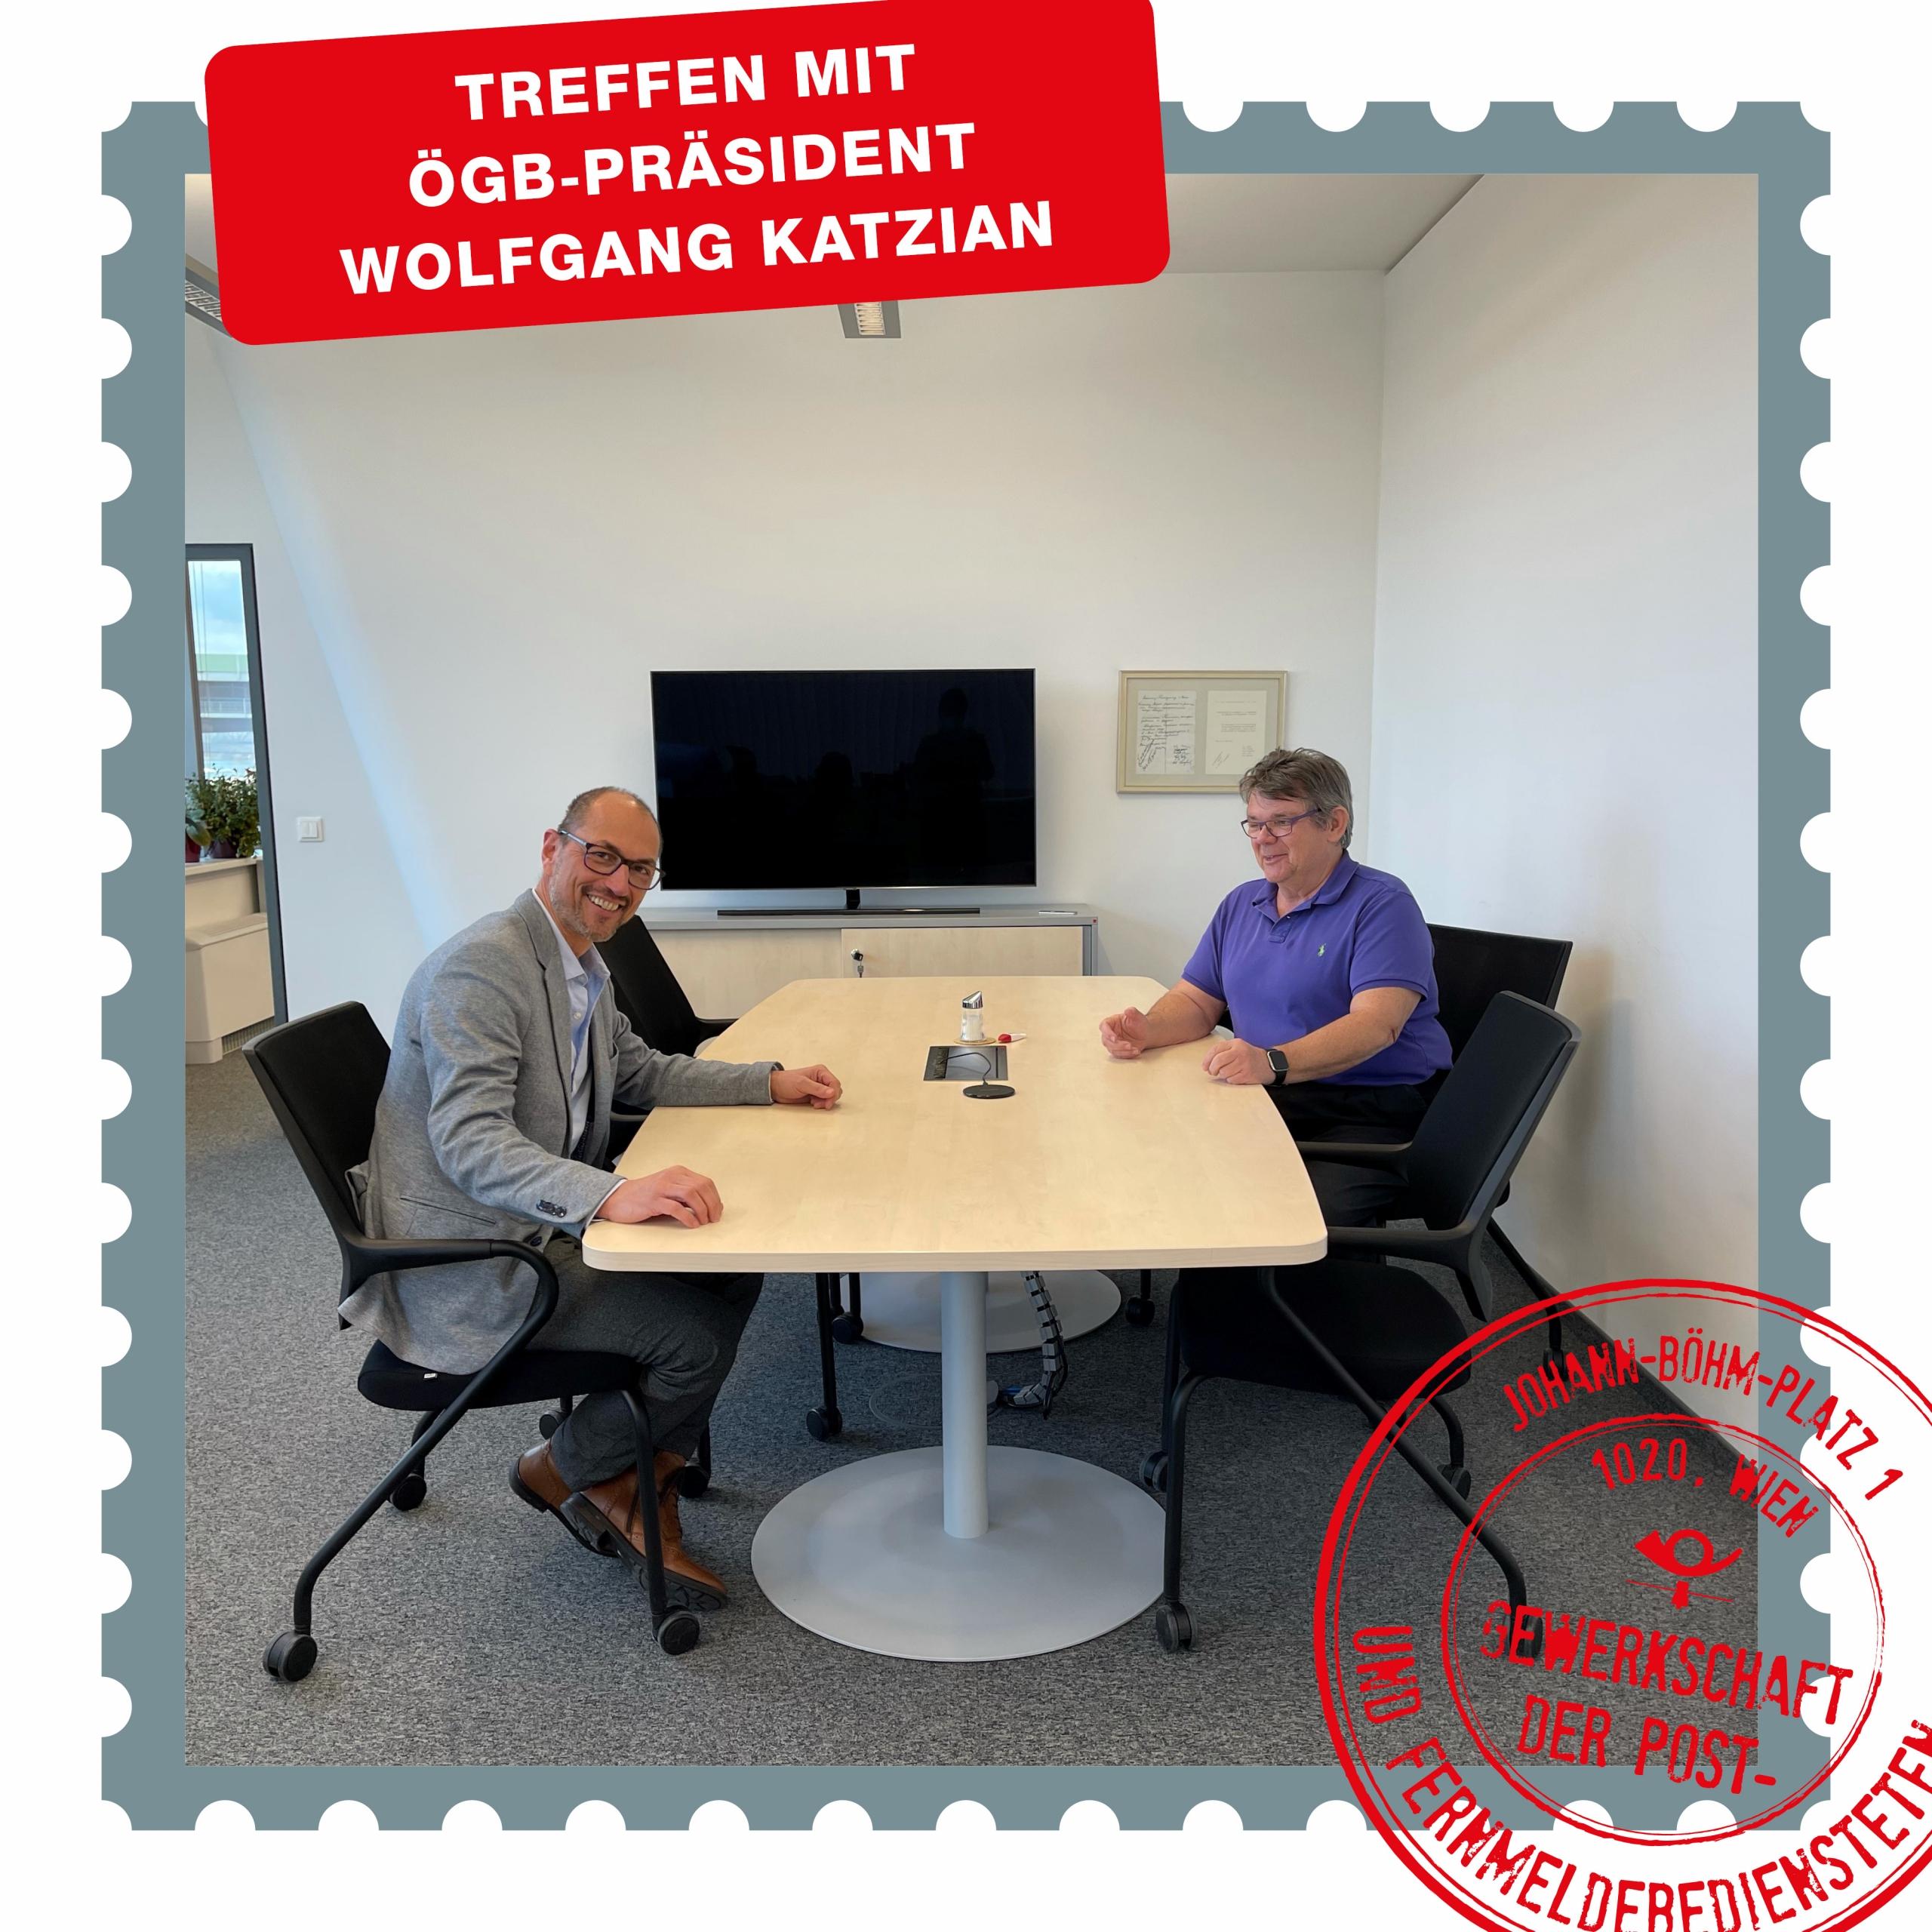 Treffen mit Wolfgang Katzian_Beitragsbild